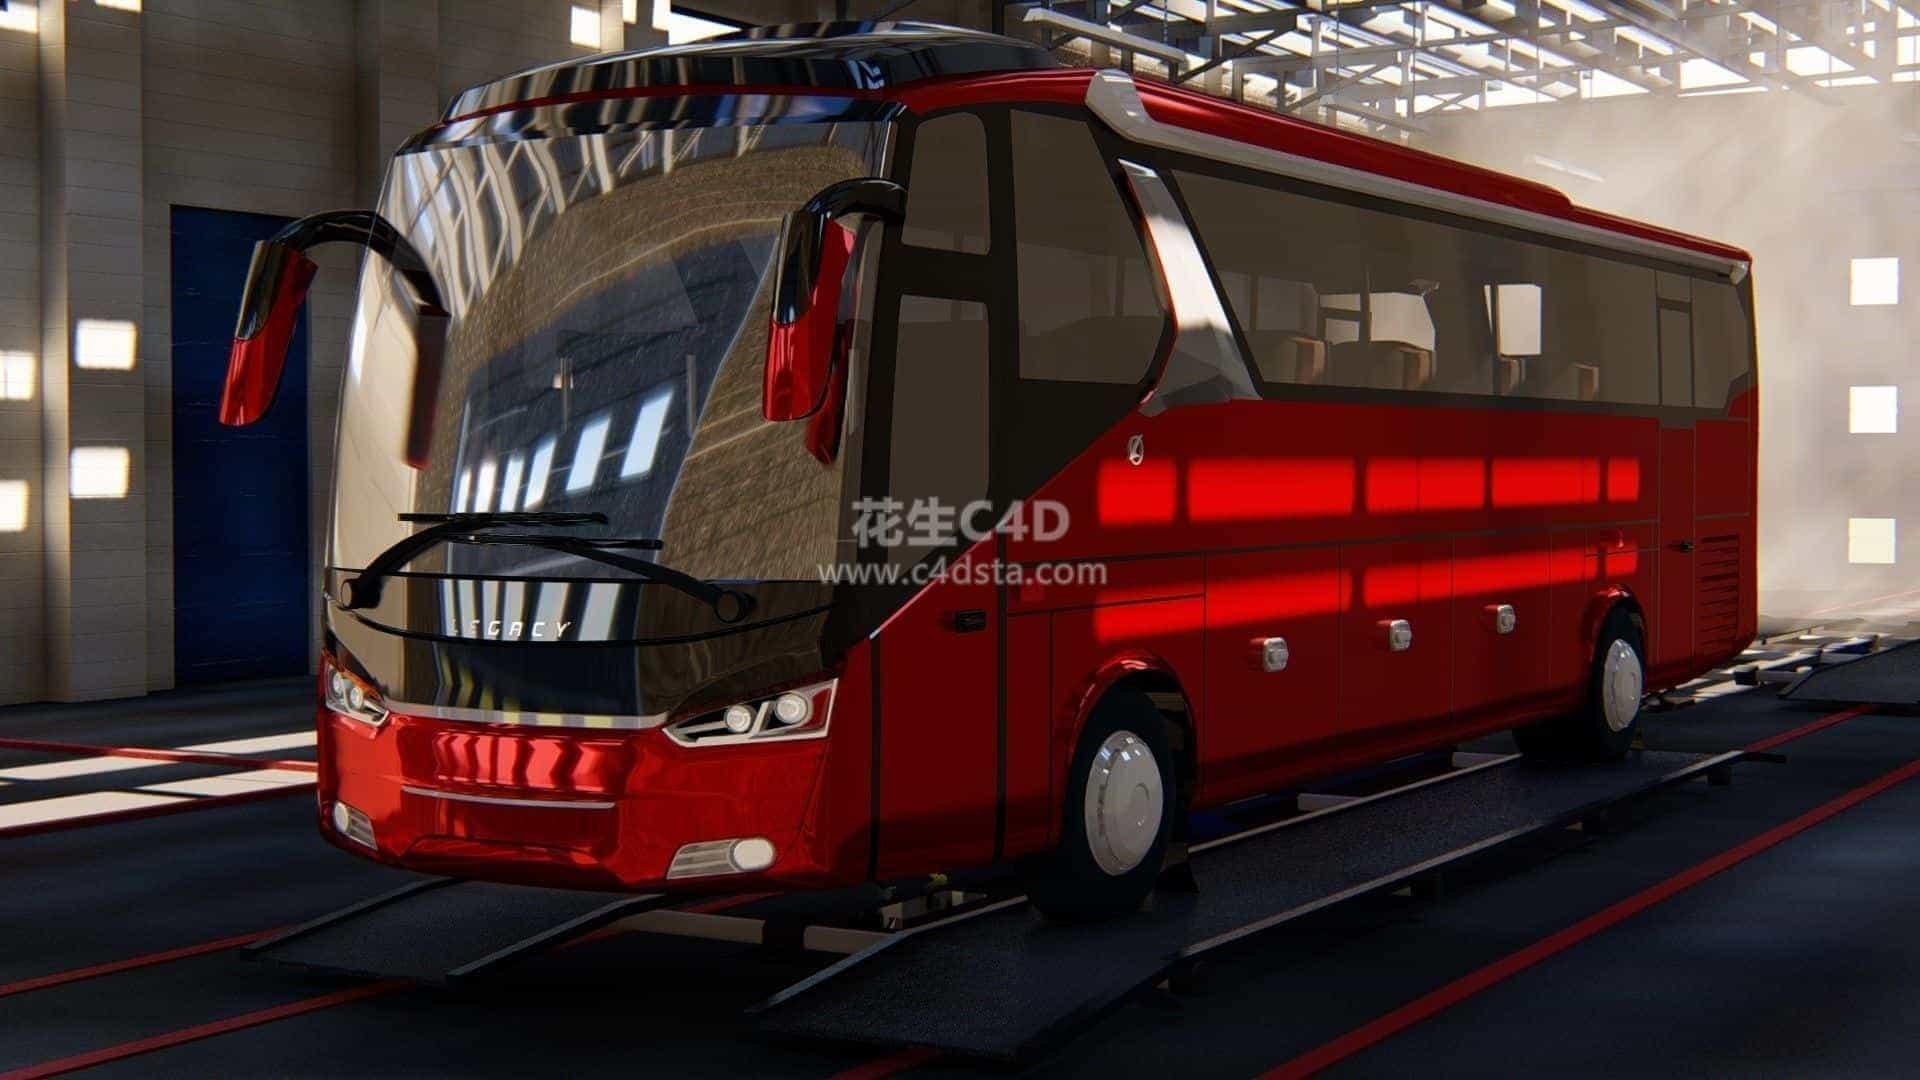 三维模型-大巴车现代巴士长途客运汽车客车模型 626CG资源站